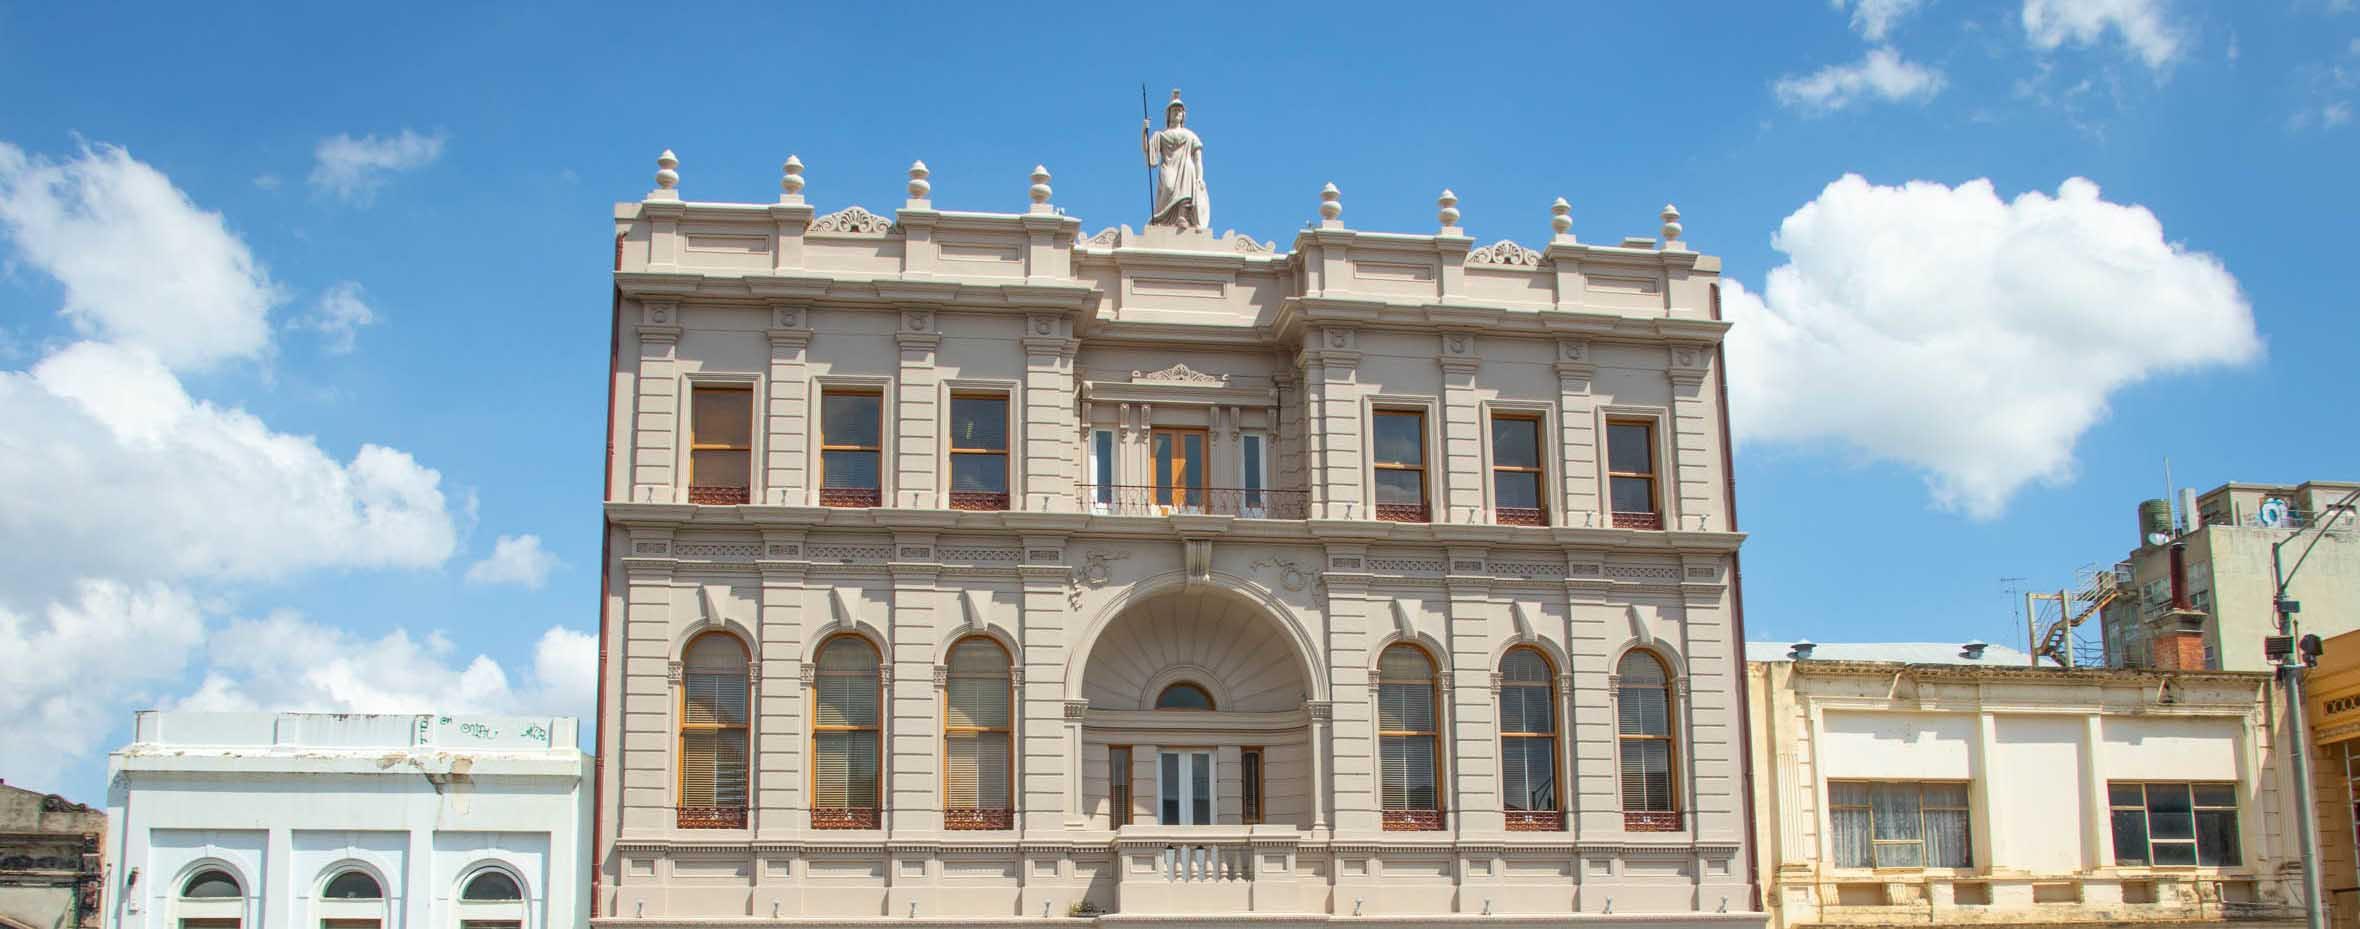 Ballarat Mechanic's Institute